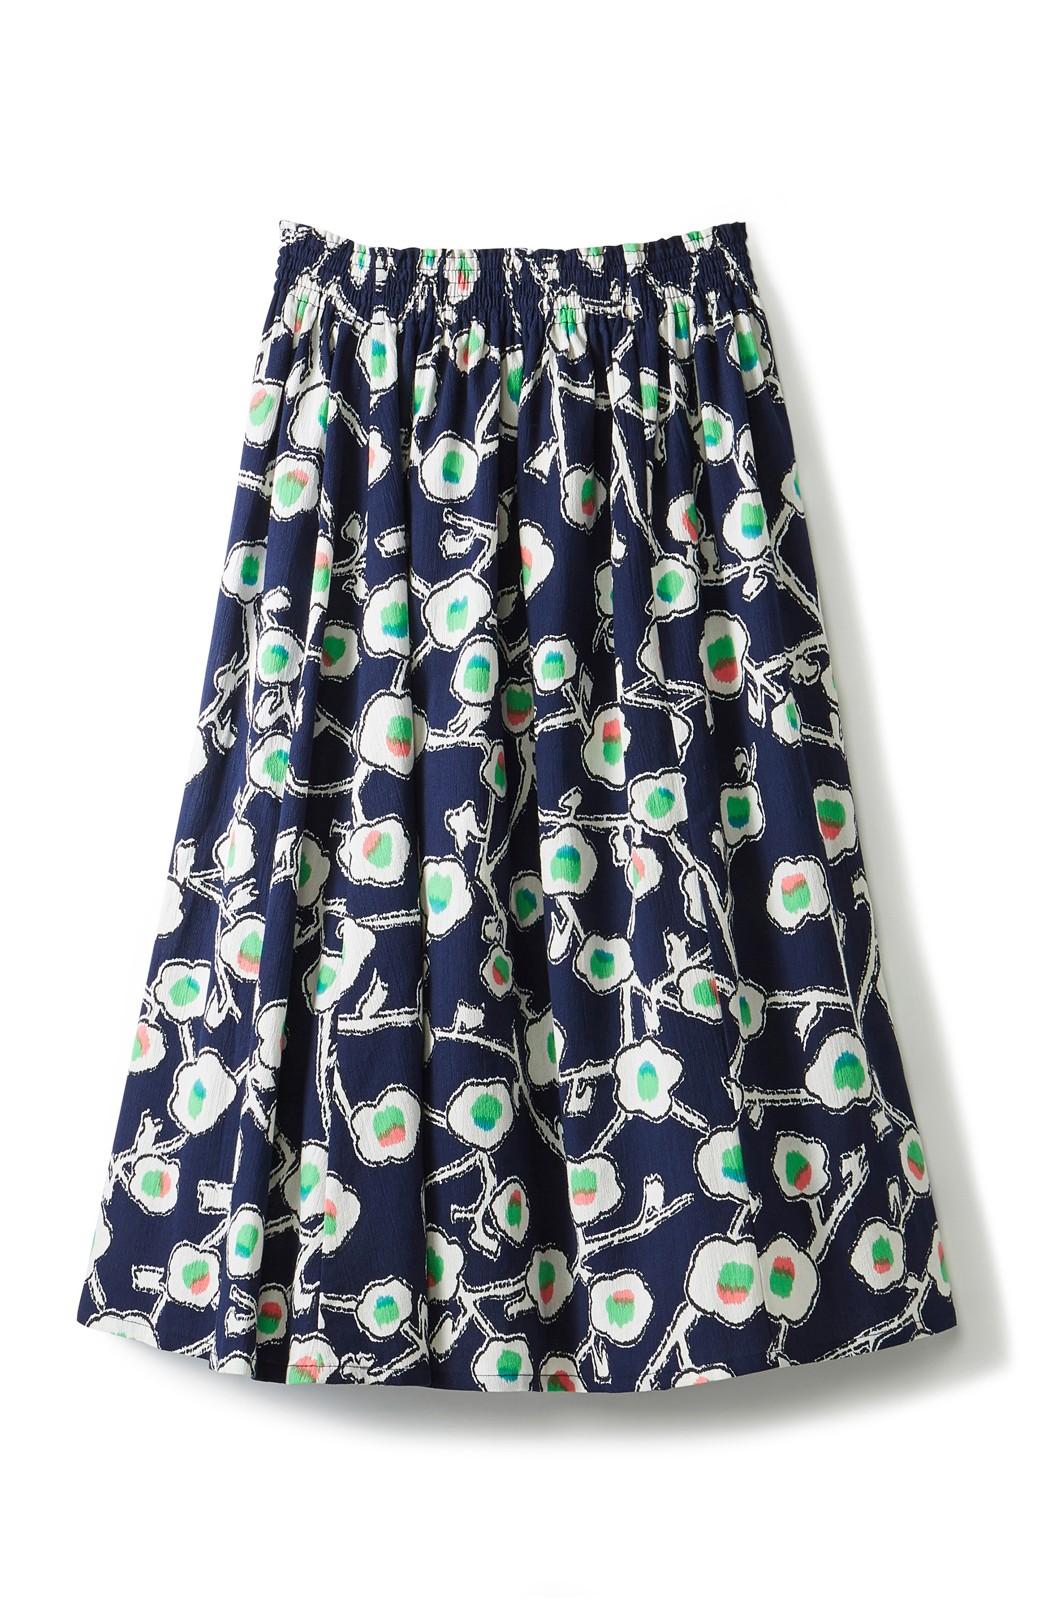 haco! 京都の浴衣屋さんと作った浴衣生地のスカート <ブルー系その他>の商品写真1